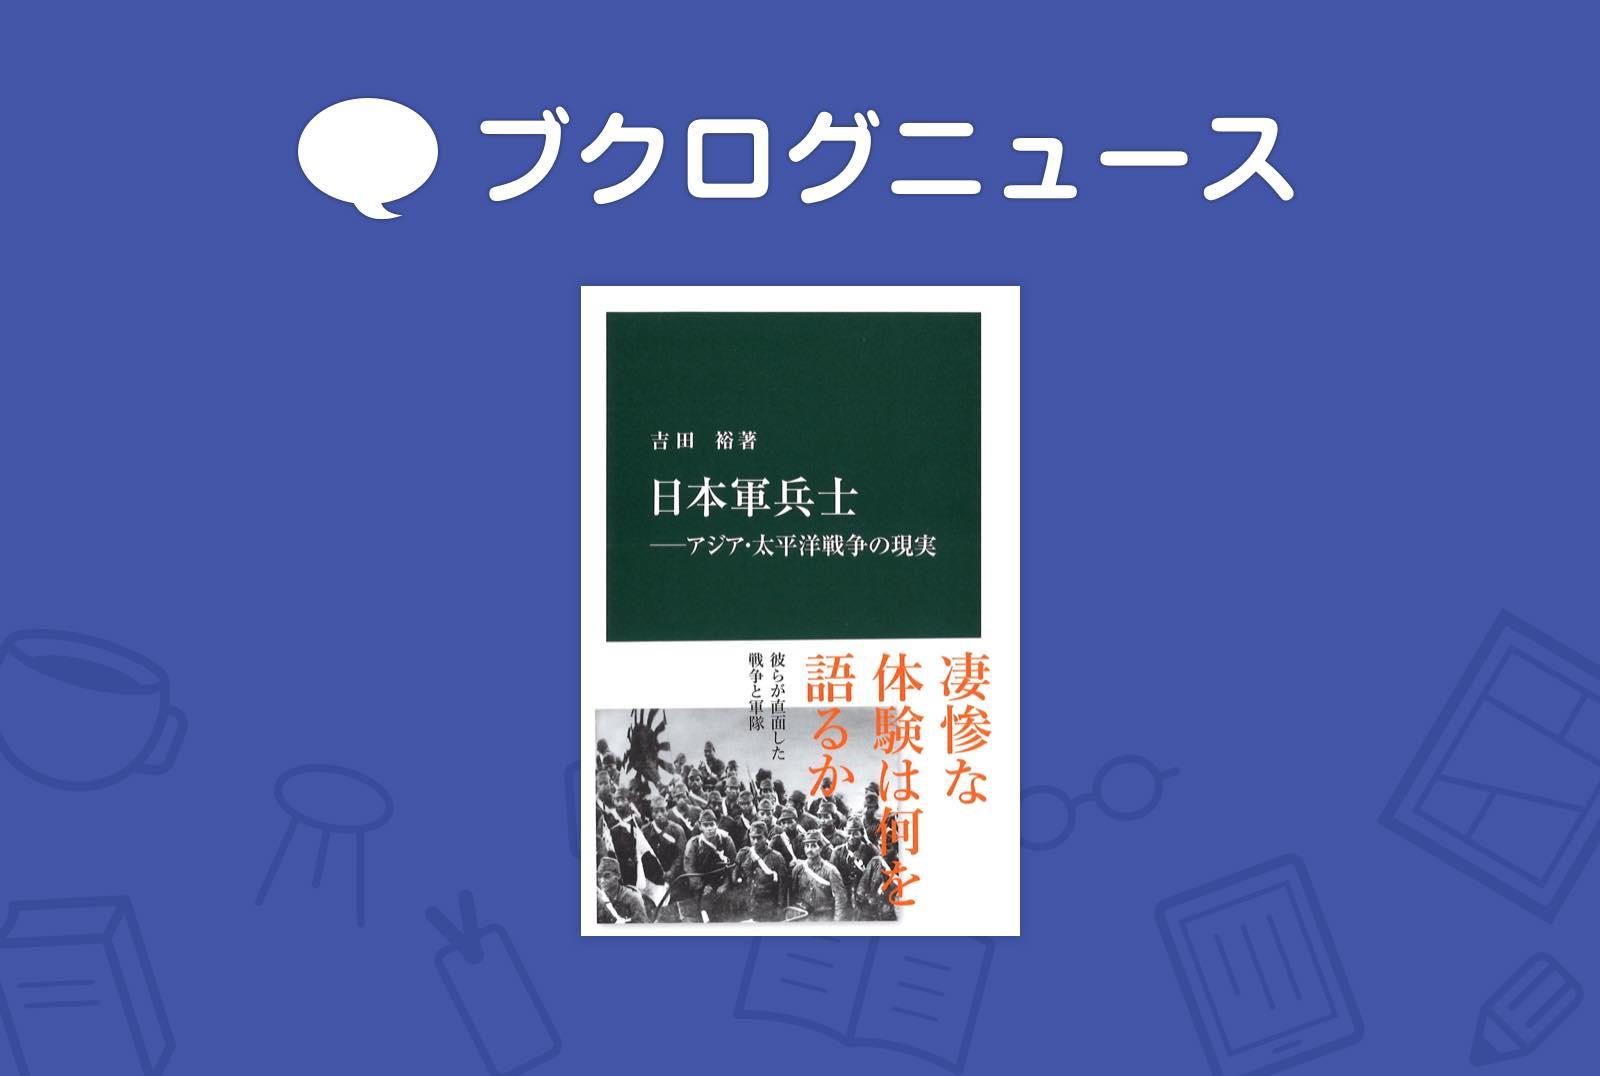 新書大賞2019結果発表!1位は吉田裕『日本軍兵士』に